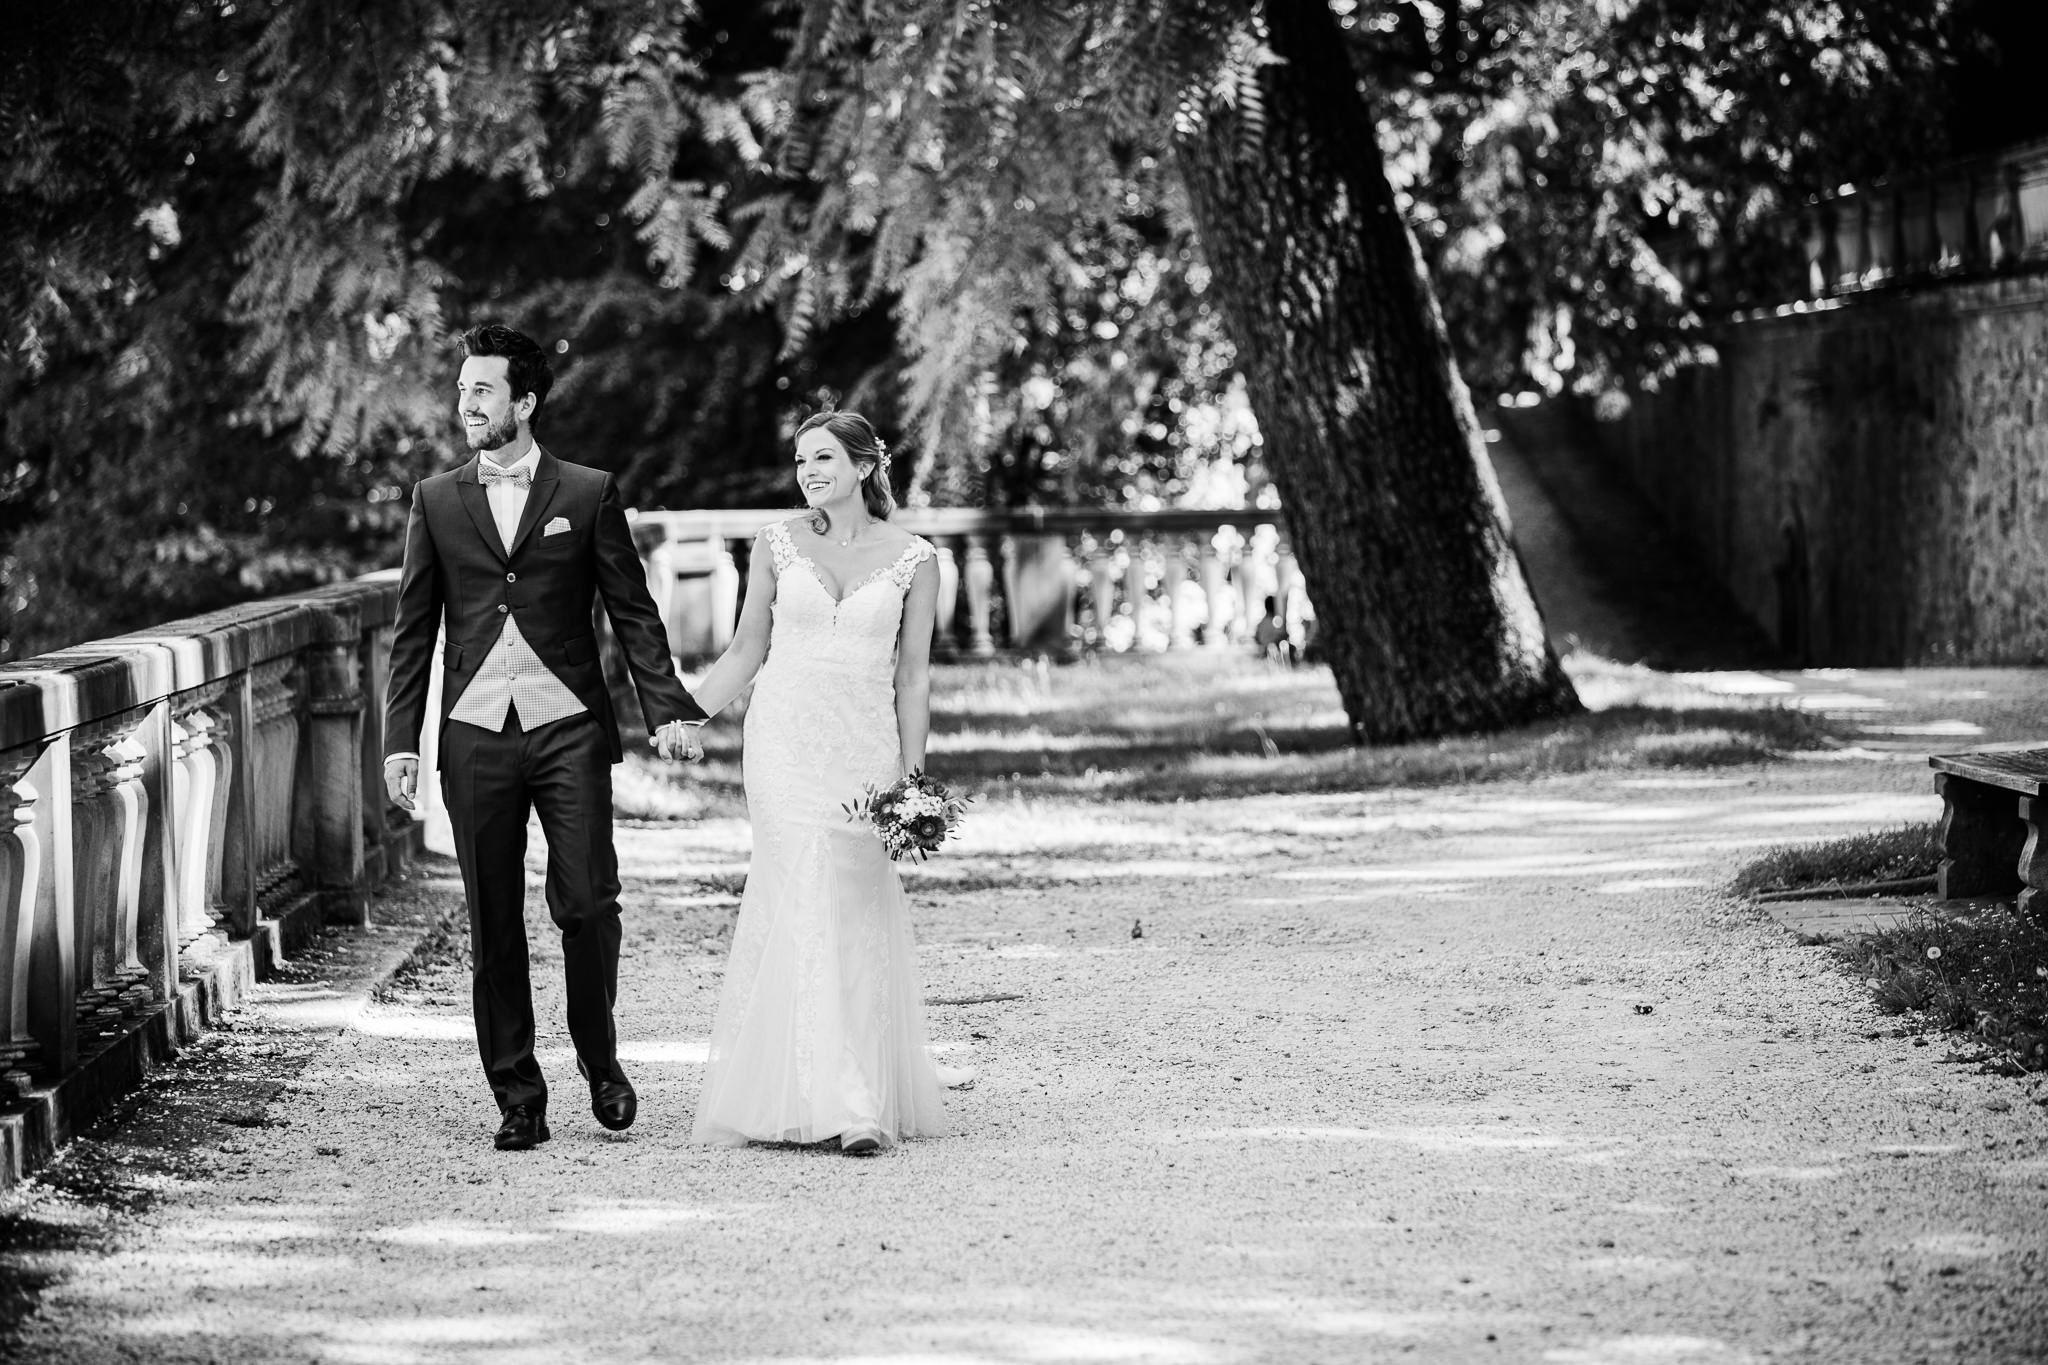 Saziergang eines Brautpaares im Schlossgarten von Heidelberg, After Wedding Shoot.